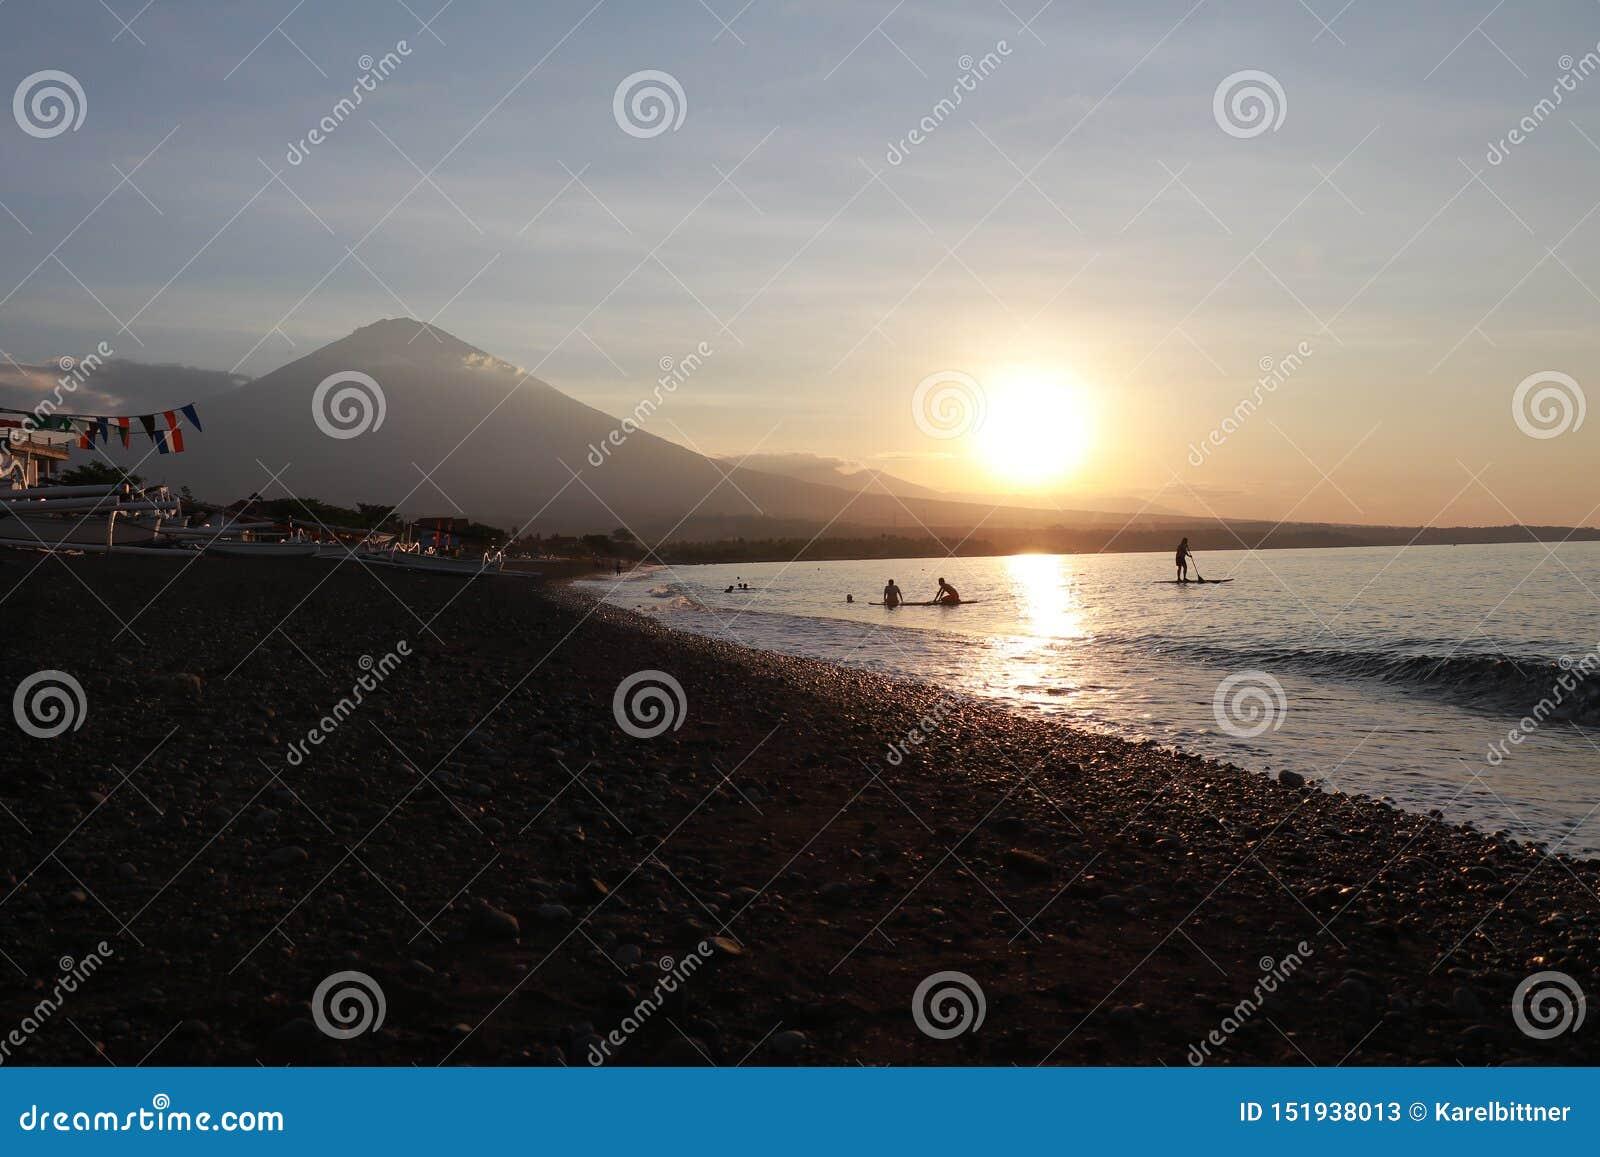 Romantische zonsondergang op de overzeese kust in Indonesië De surfer gaat paddleboard bij zonsondergang genieten van Kustlijnpan